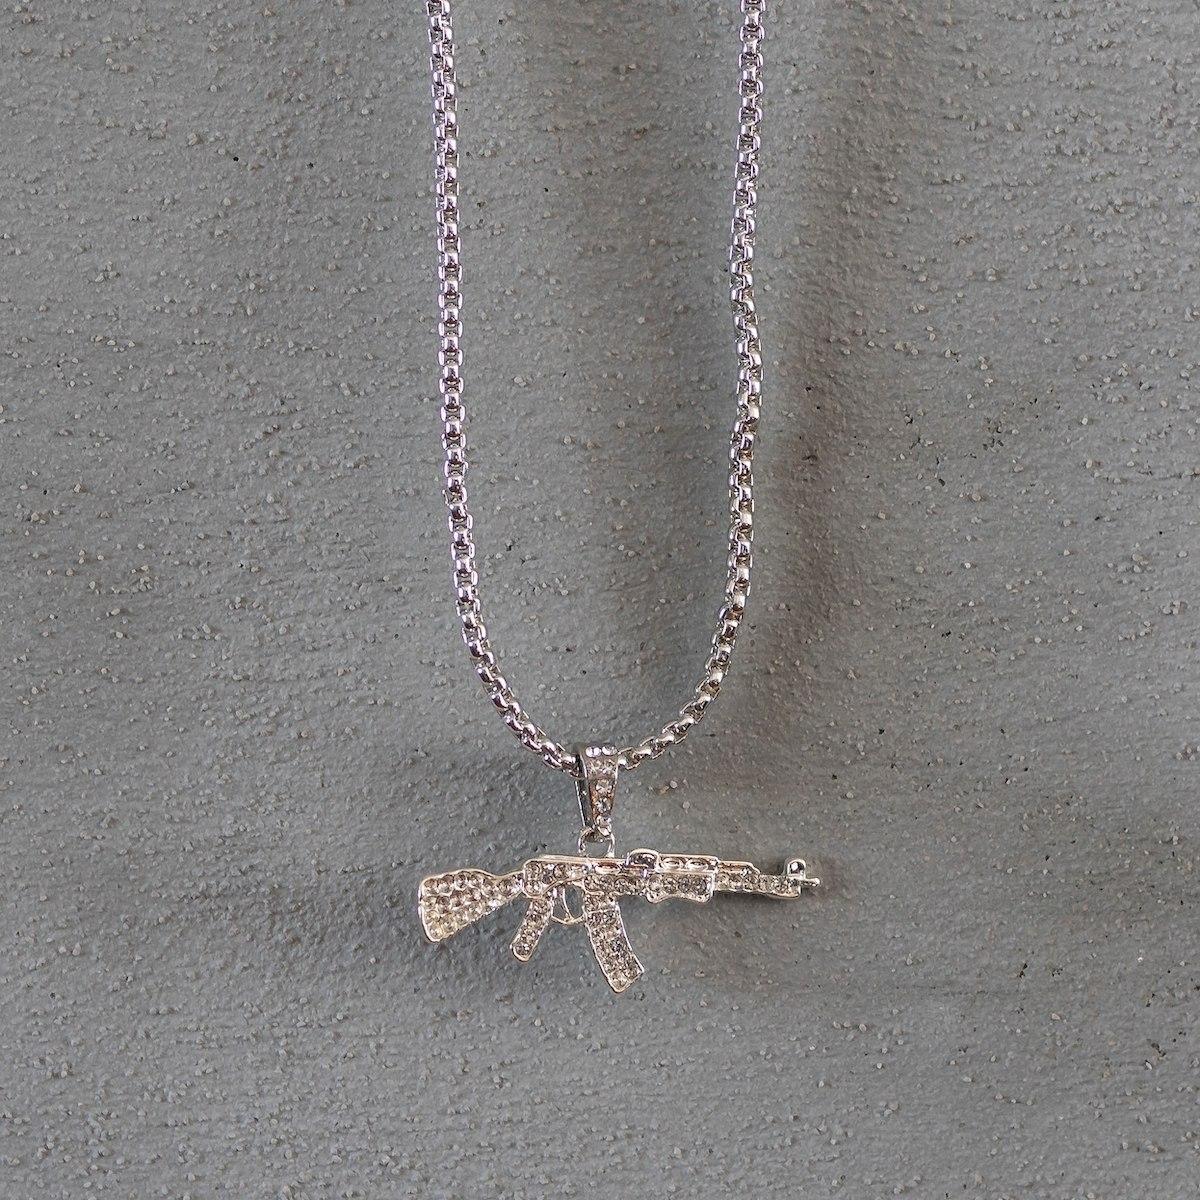 Men's AK-47 Necklace Silver